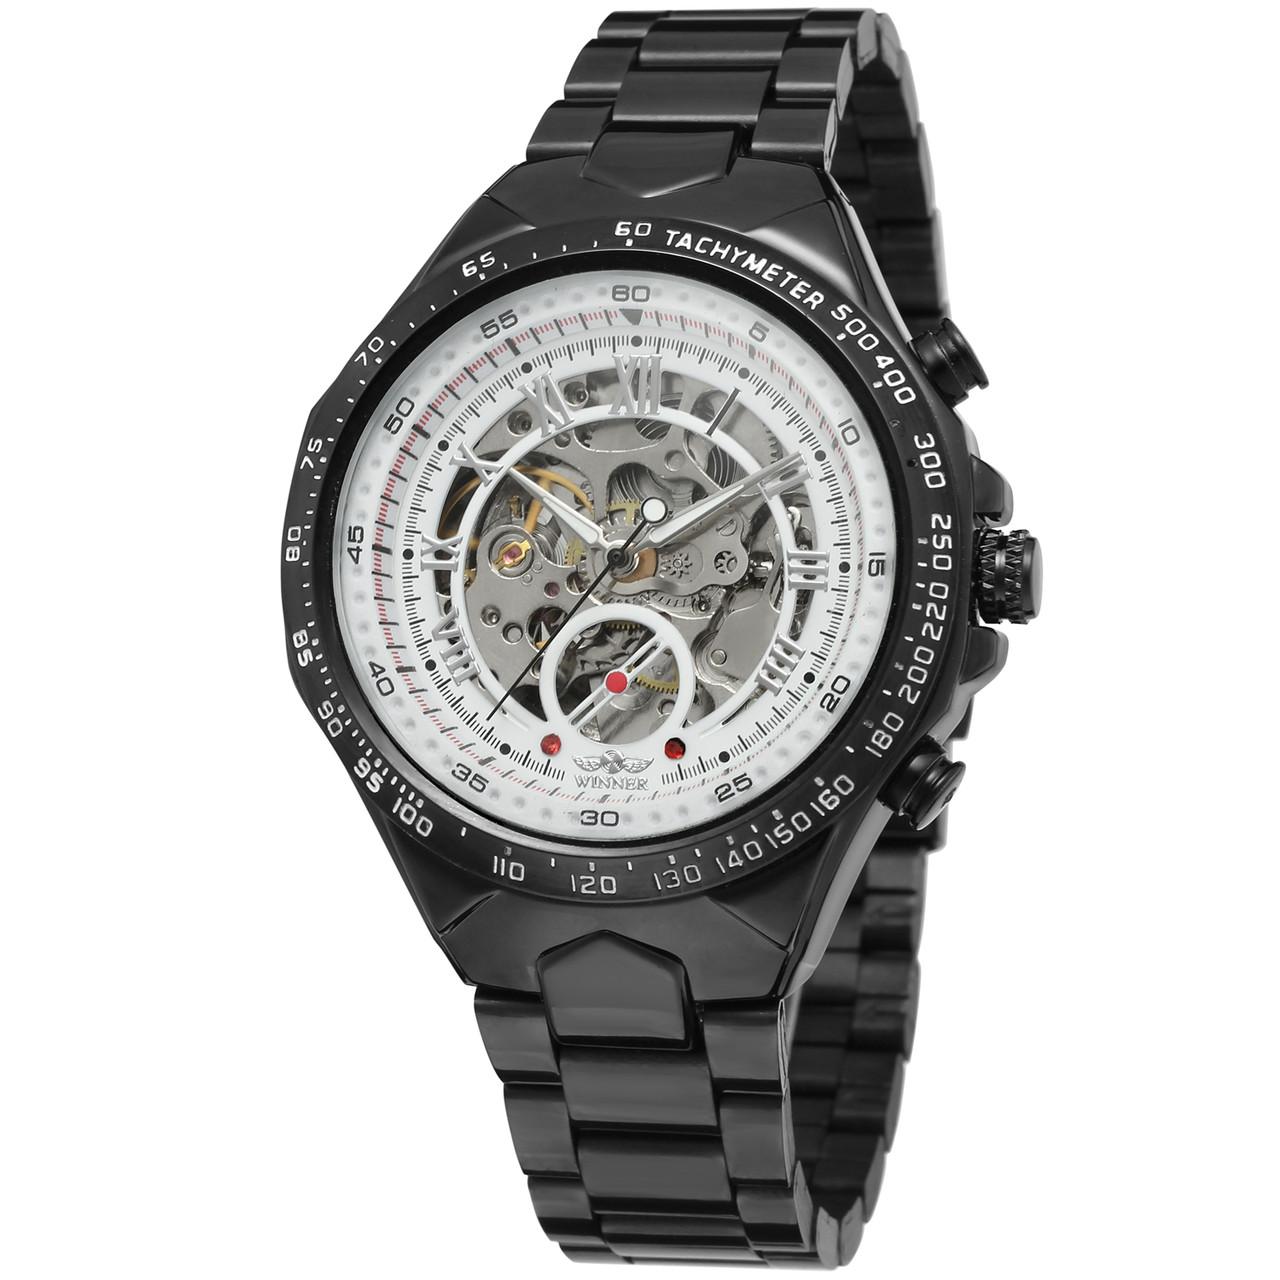 Мужские часы Winner 8067 Black-White Red Cristal